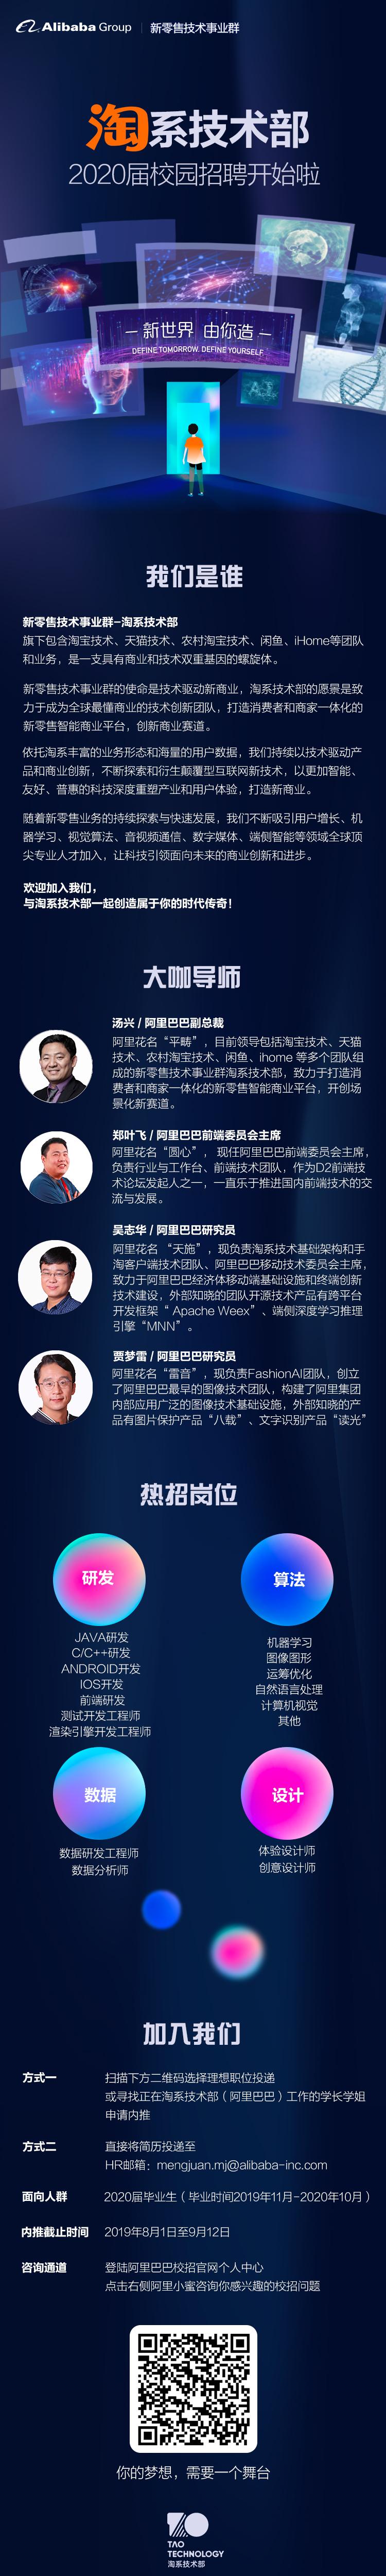 2020校招-淘系技术部.jpg